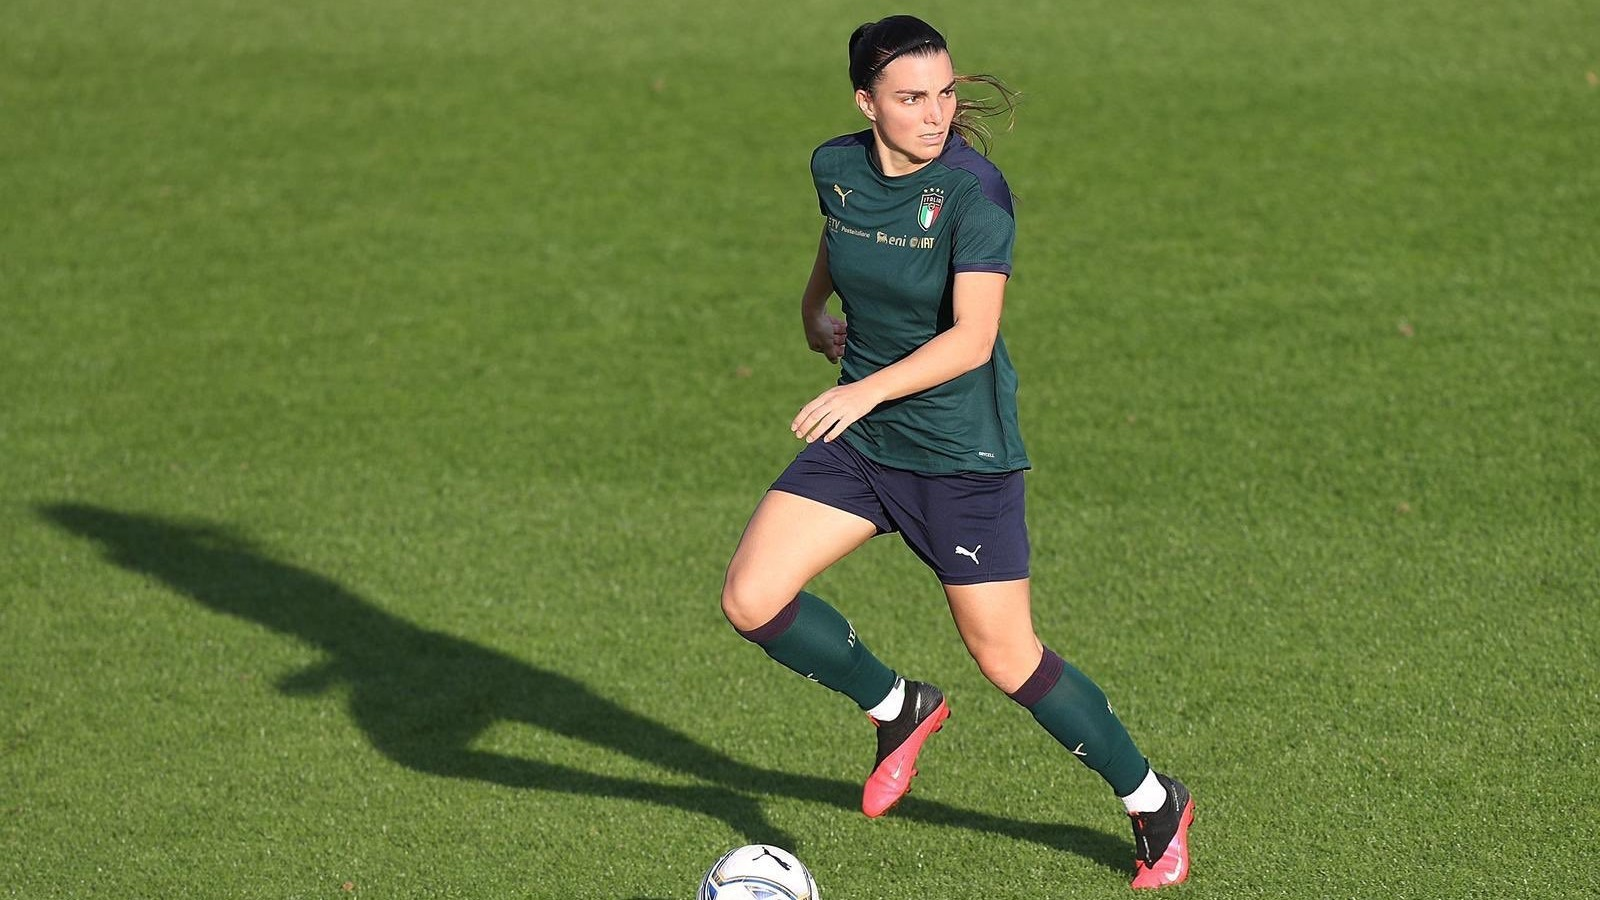 Alia Guagni durante un entrenamiento con la selección italiana.